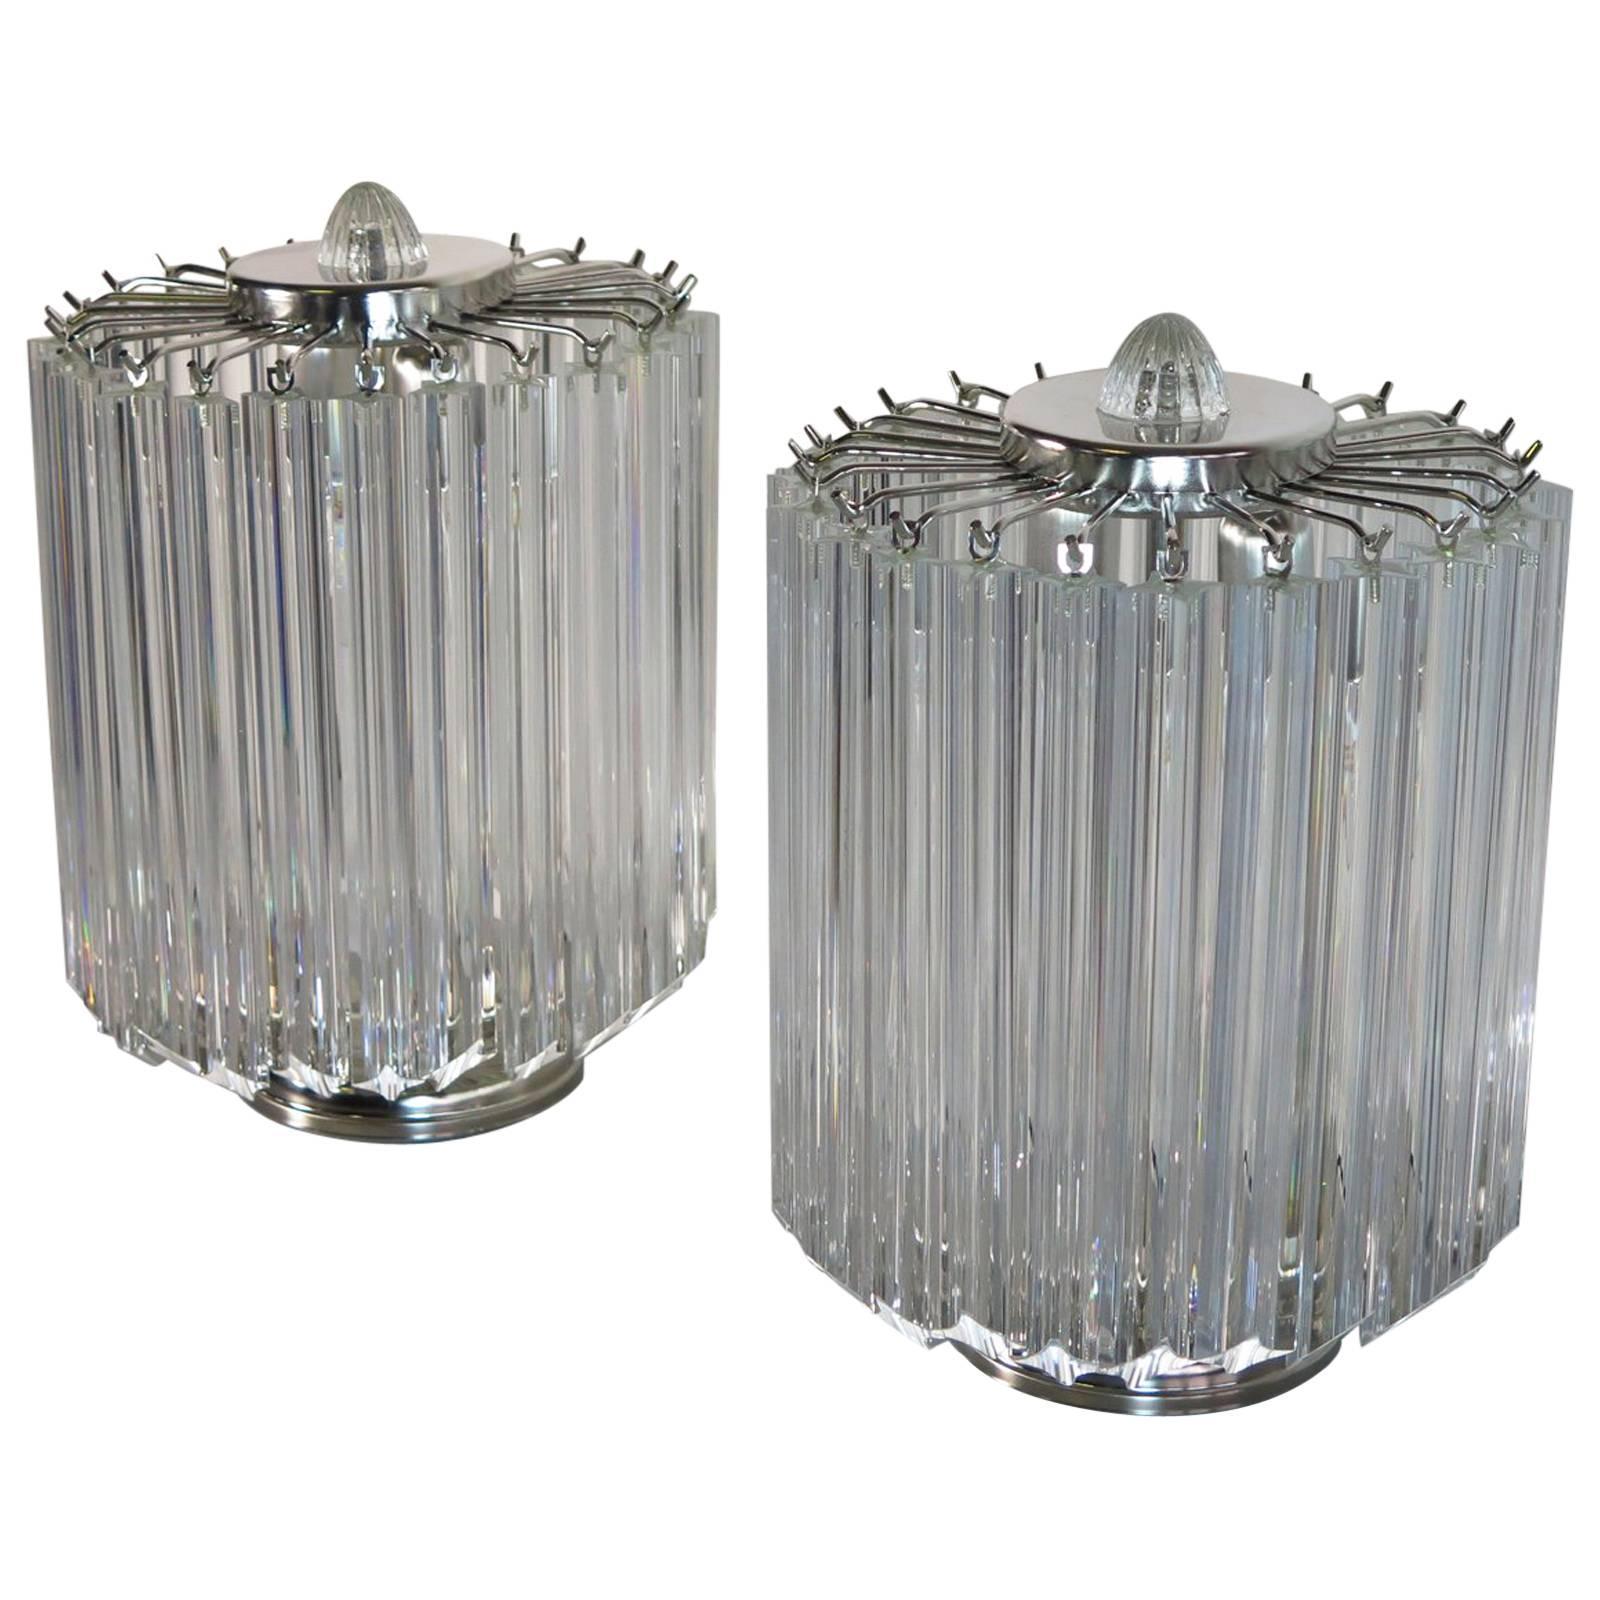 Clear Quadriedri Table Lamp, Venini Style